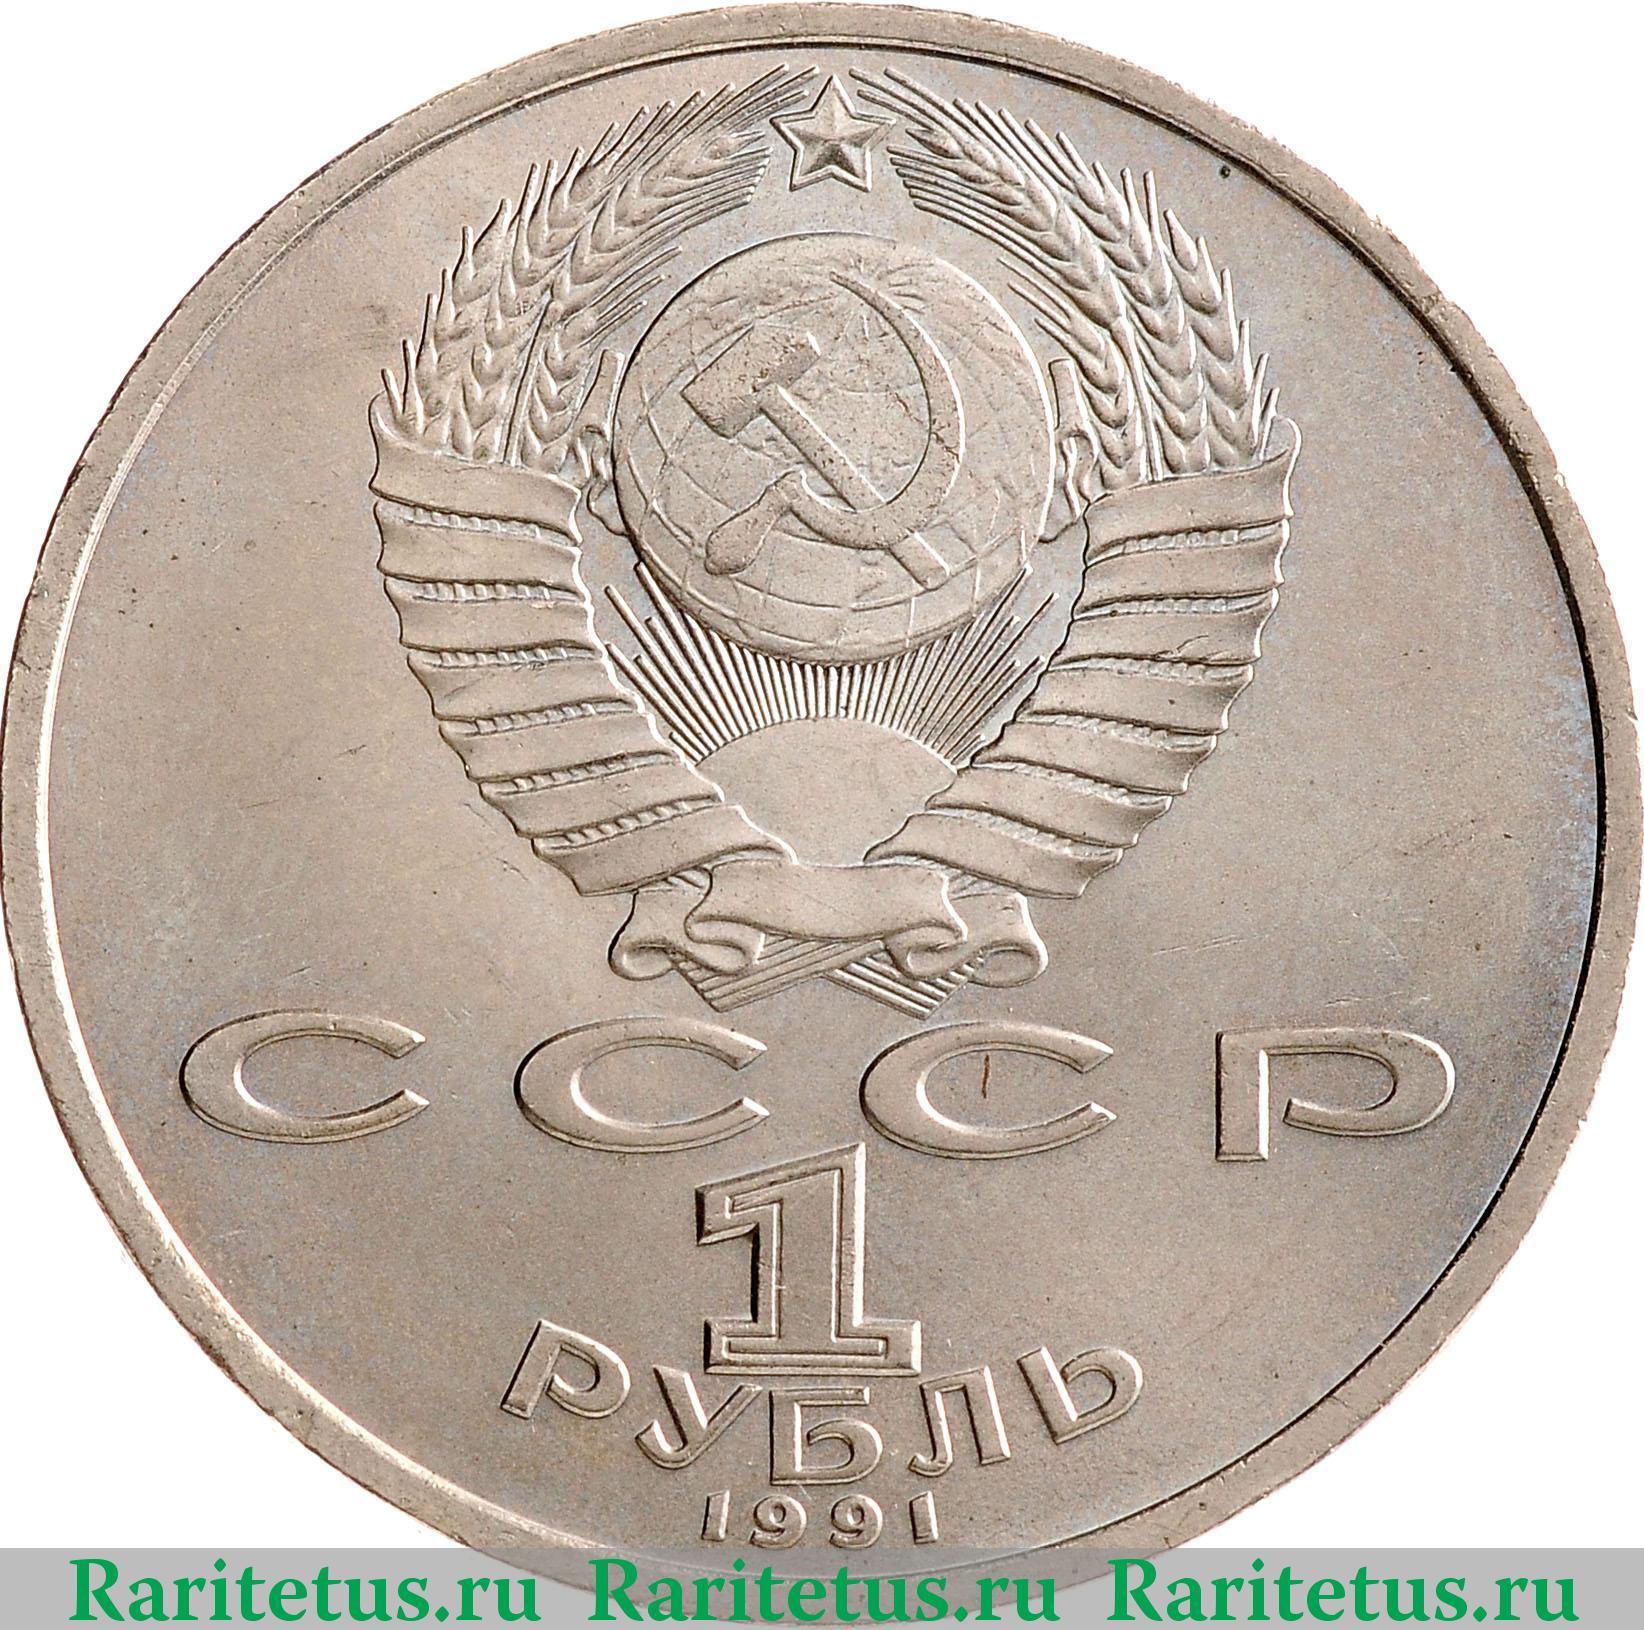 Монета 1 рубль прокофьев цена rivea corymbosa семена купить